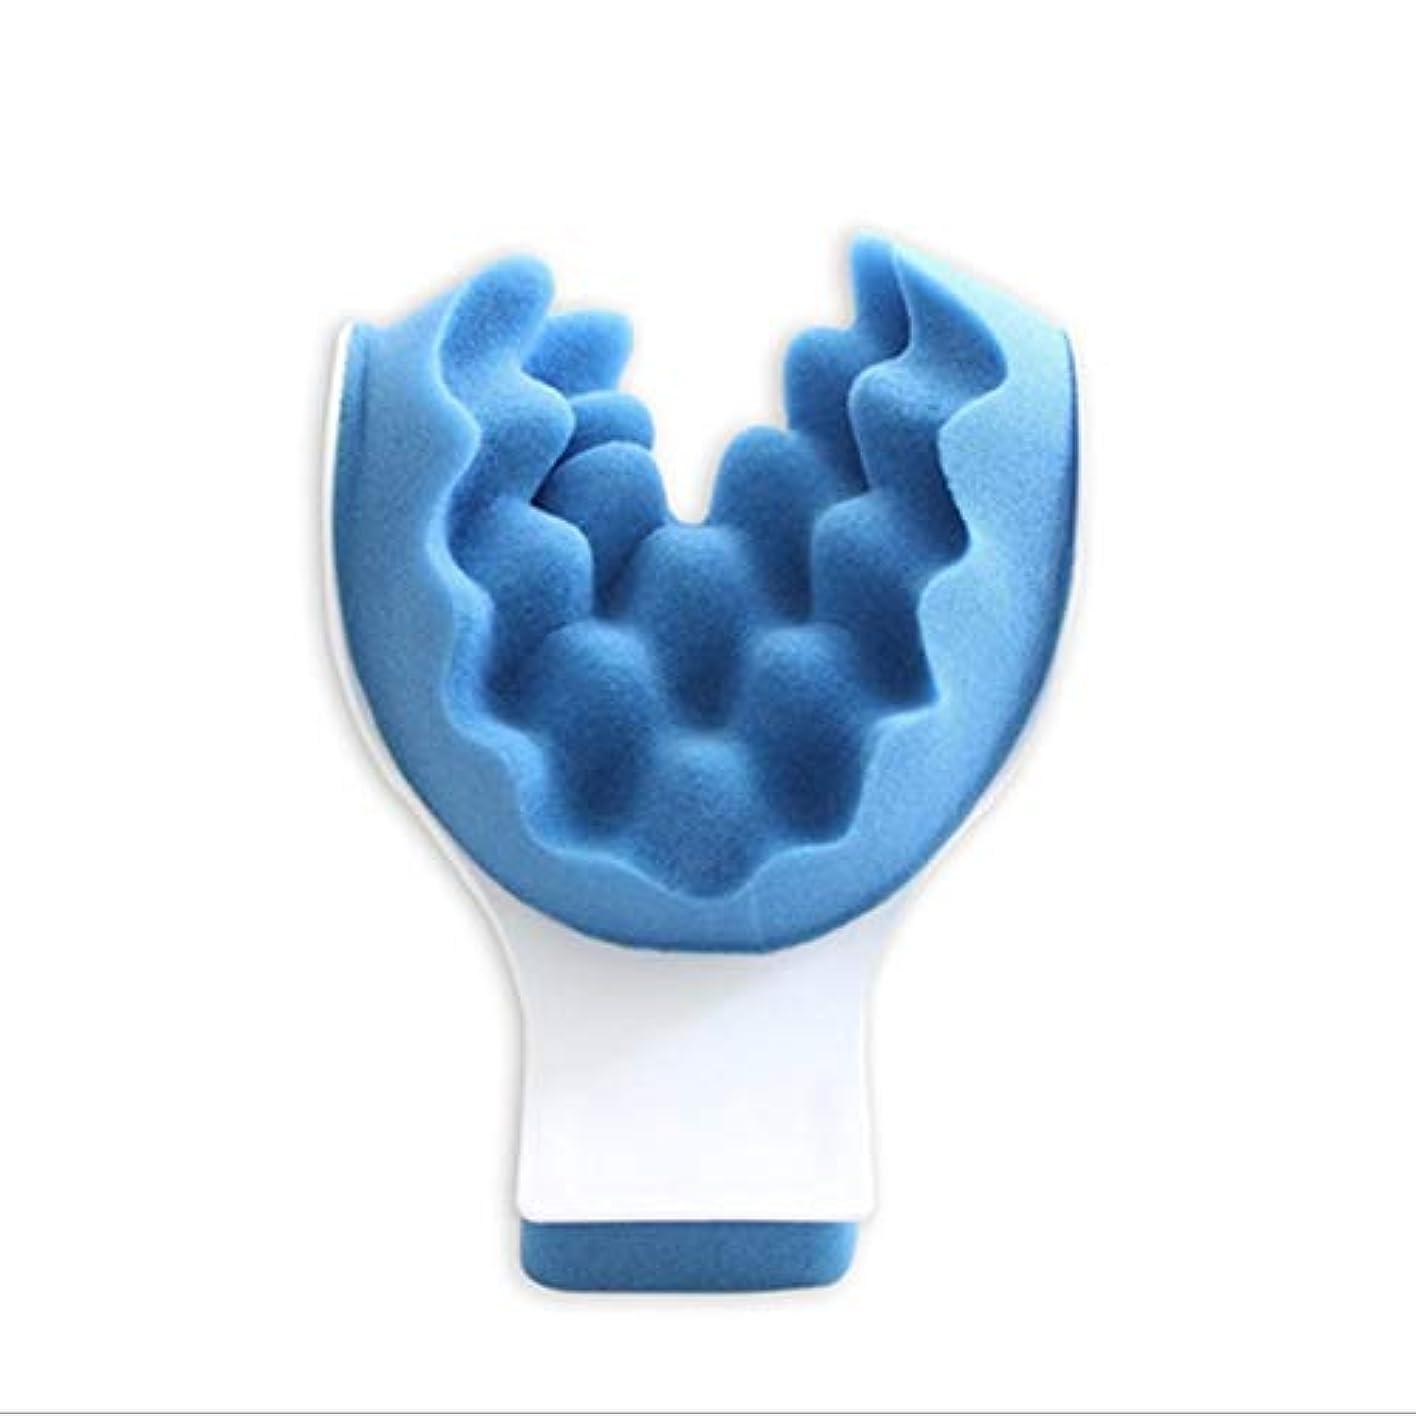 エンターテインメント音声学猫背マッスルテンションリリーフタイトネスと痛みの緩和セラピーティックネックサポートテンションリリーフネック&ショルダーリラクサー - ブルー